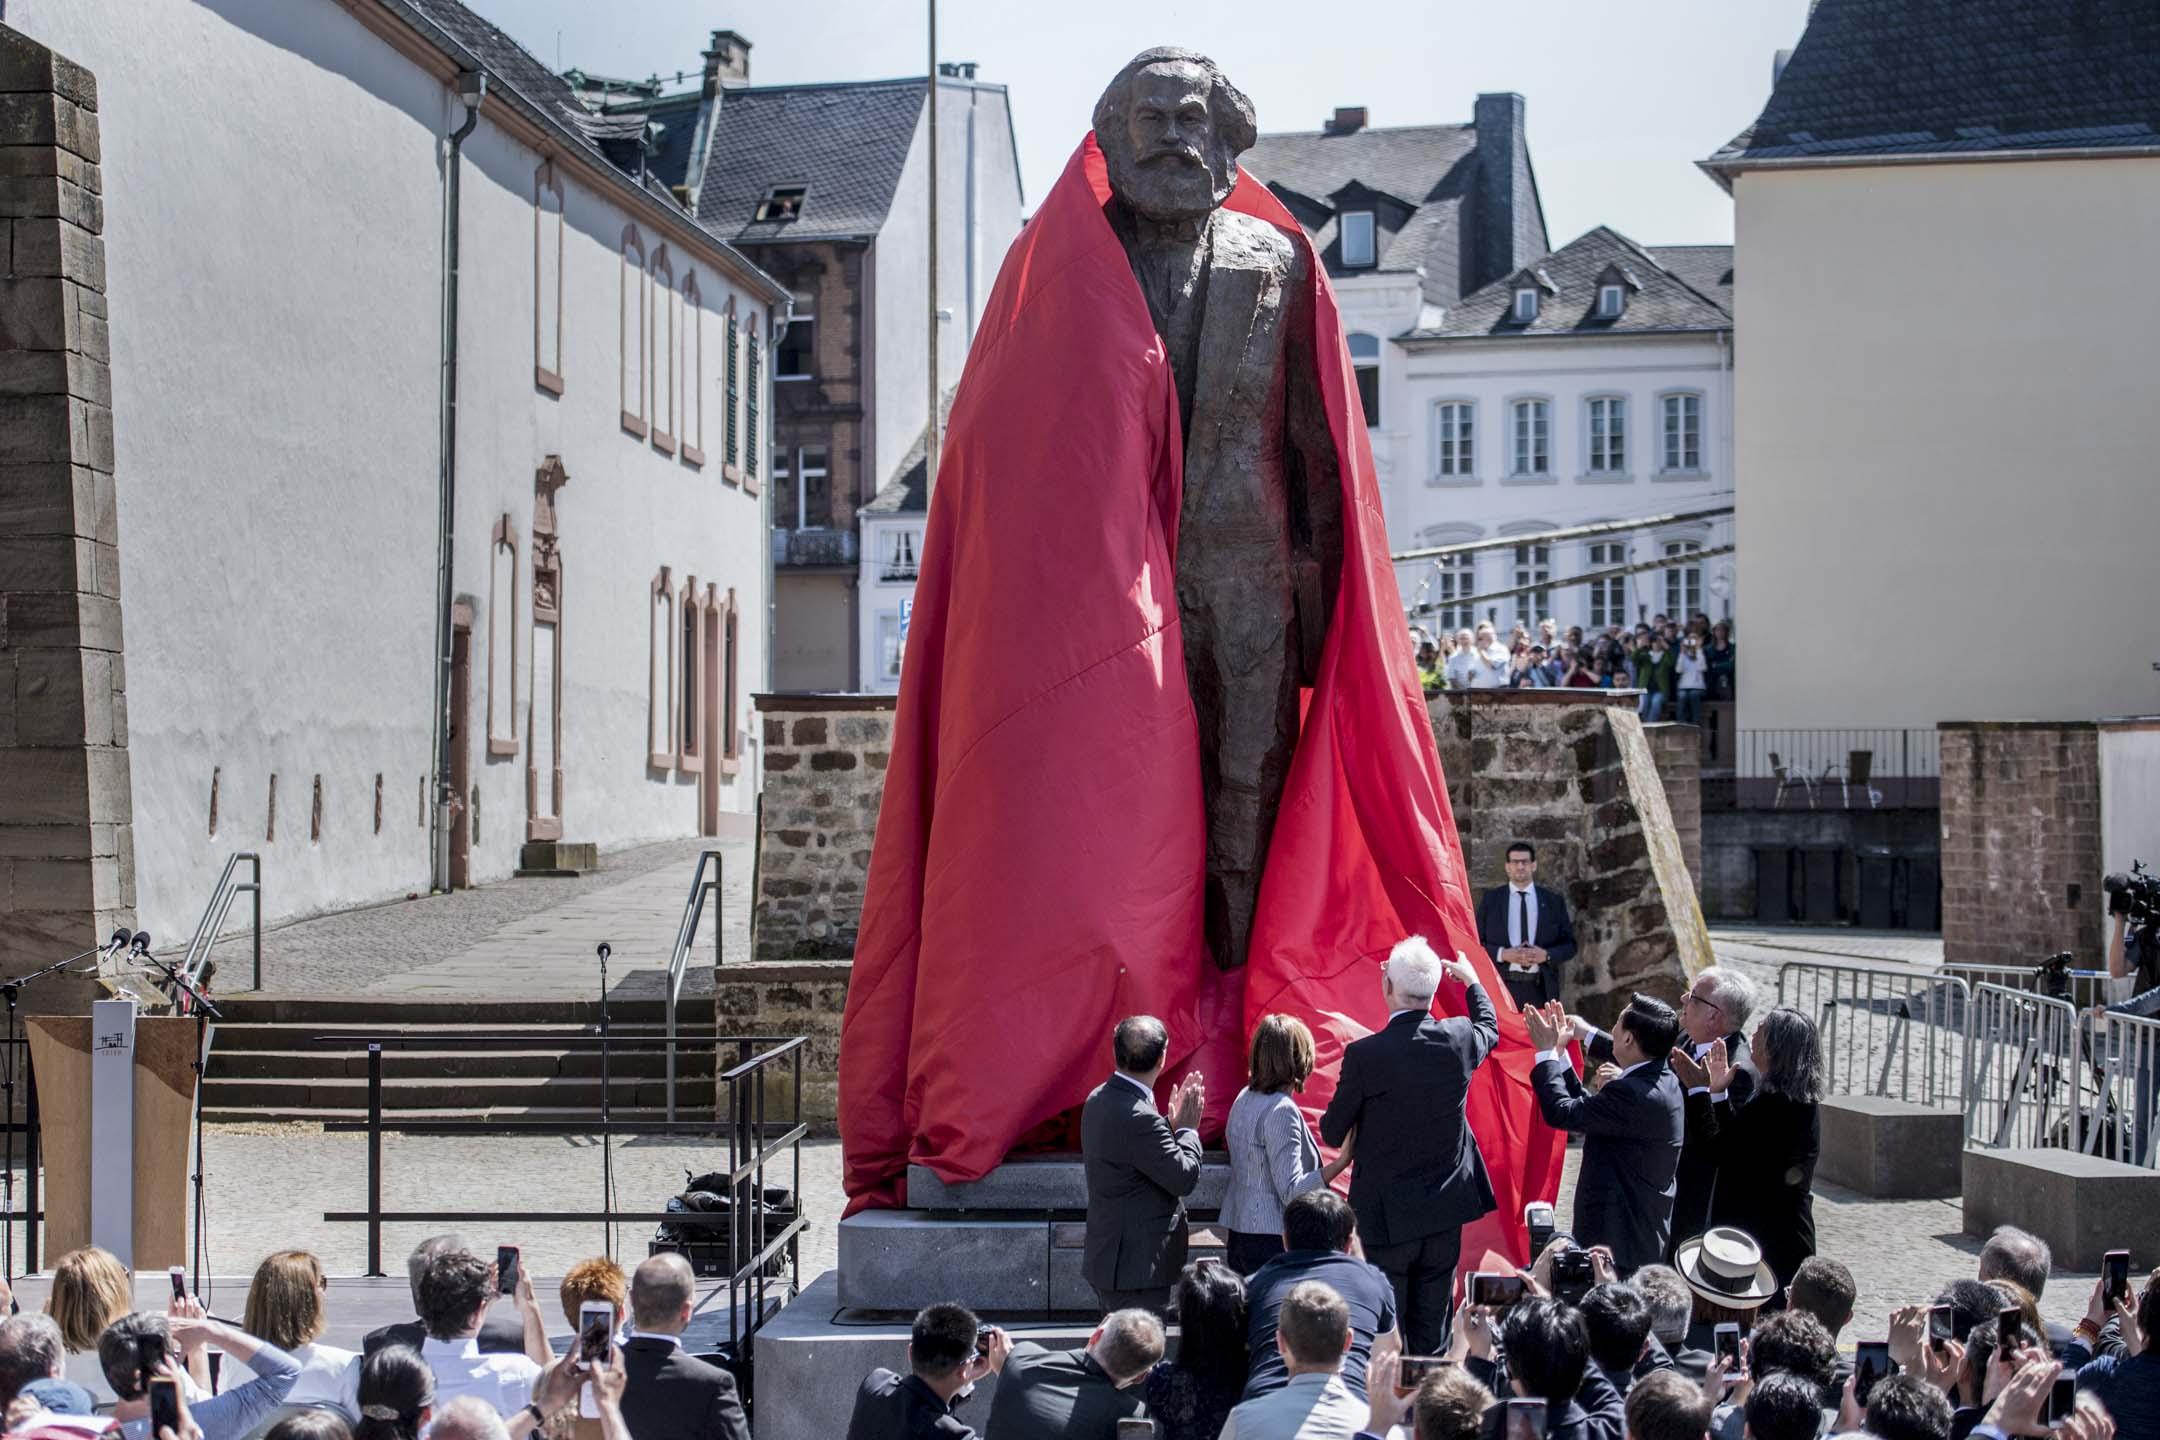 2018年5月5日,中國為紀念「共產主義之父」馬克思誕辰200周年,向其德國故鄉特里爾(Trier)贈送的一座高5.5米巨型雕像。中德雙方不同界別人士及當地民眾、遊客逾千人出席開幕儀式。 攝:Thomas Lohnes/Getty Images